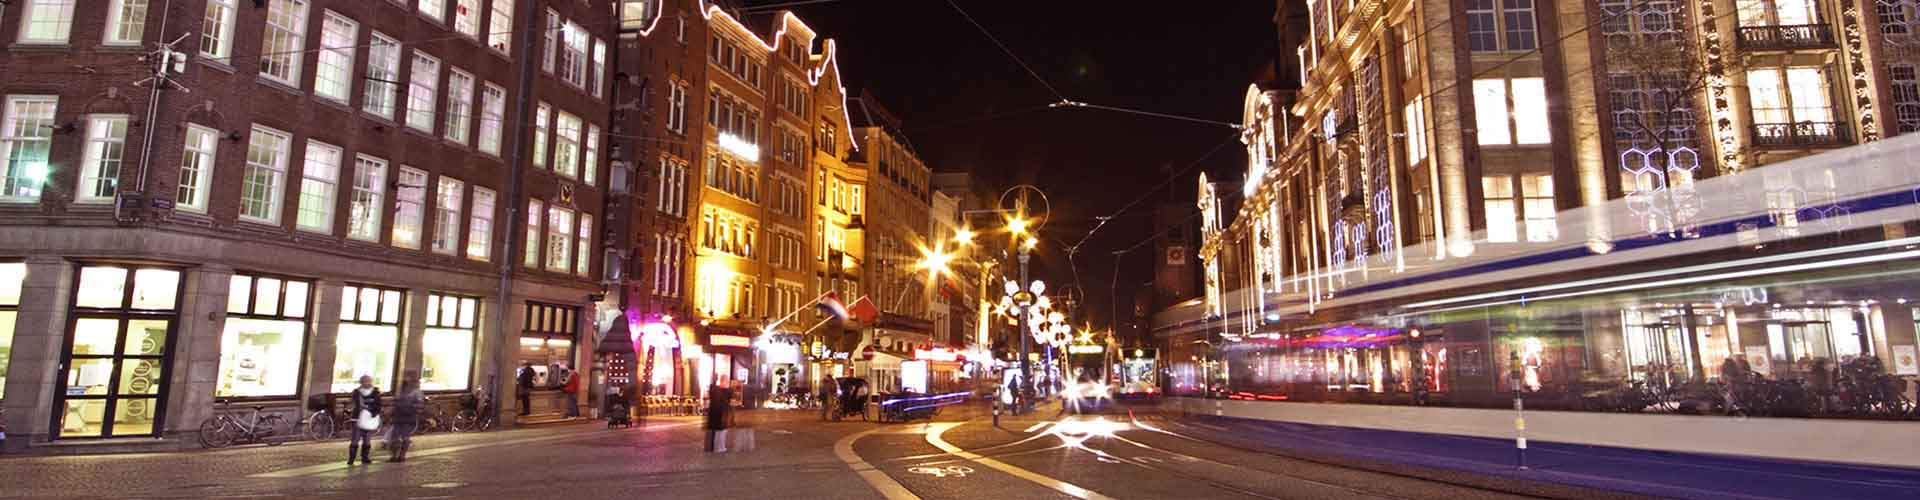 Amsterdam - Auberges de jeunesse près de Place du Dam. Cartes pour Amsterdam, photos et commentaires pour chaque auberge de jeunesse à Amsterdam.